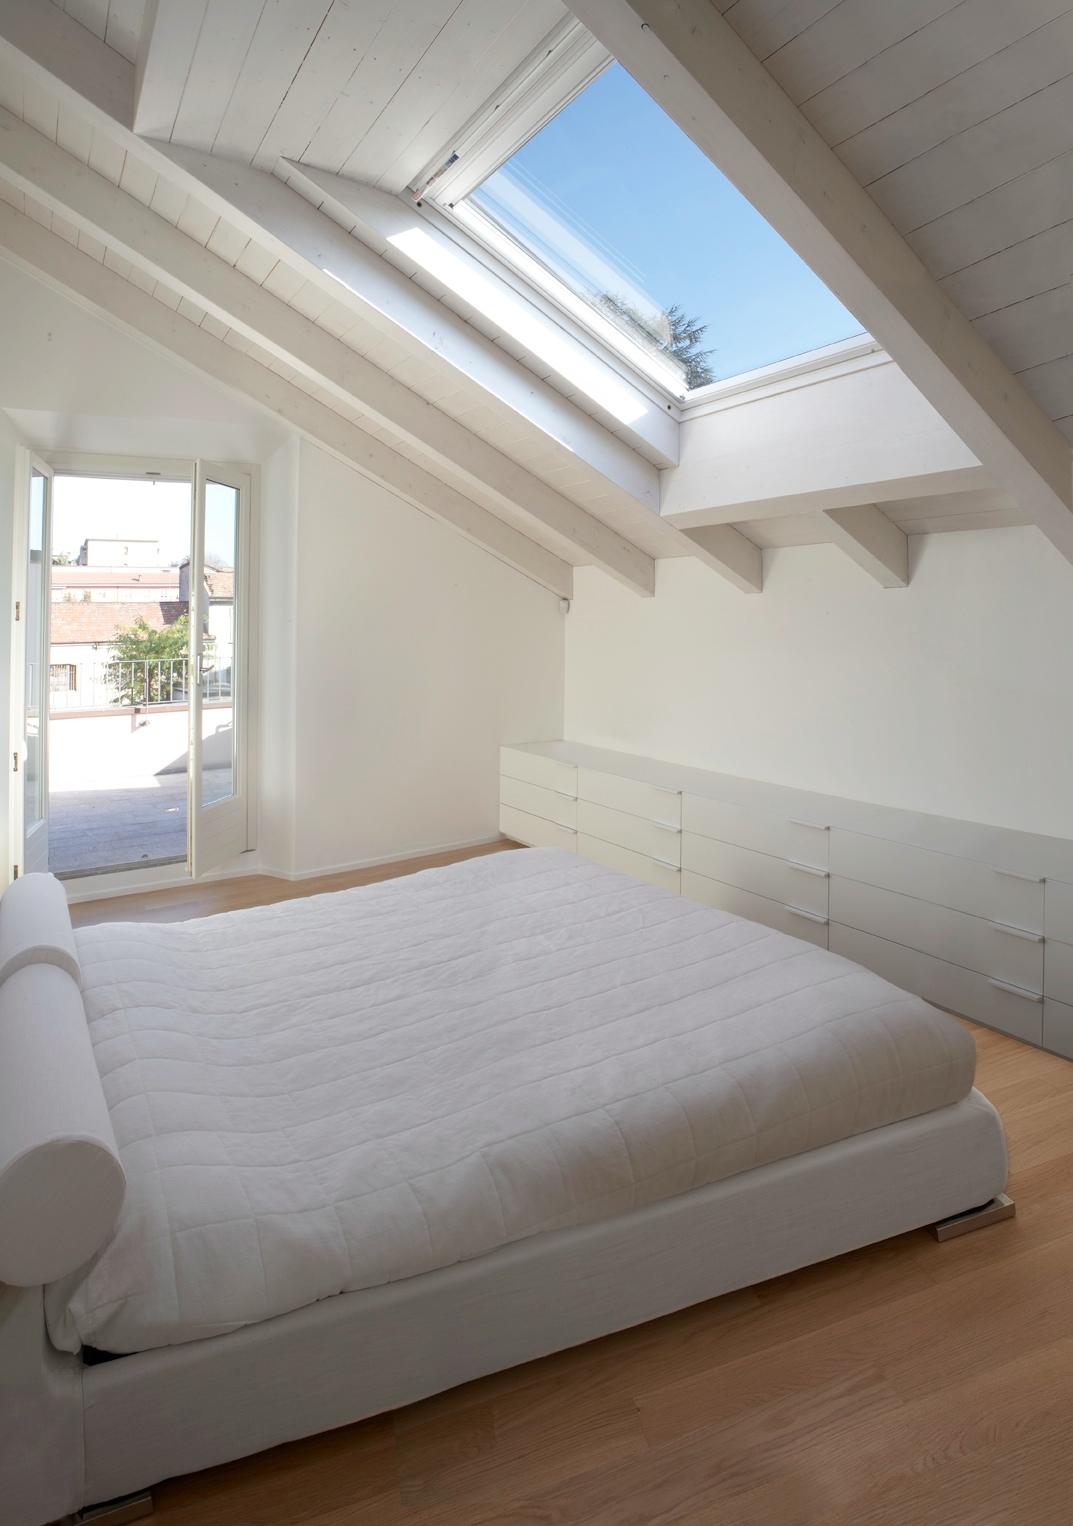 La camera da letto illuminata da finestre per tetti